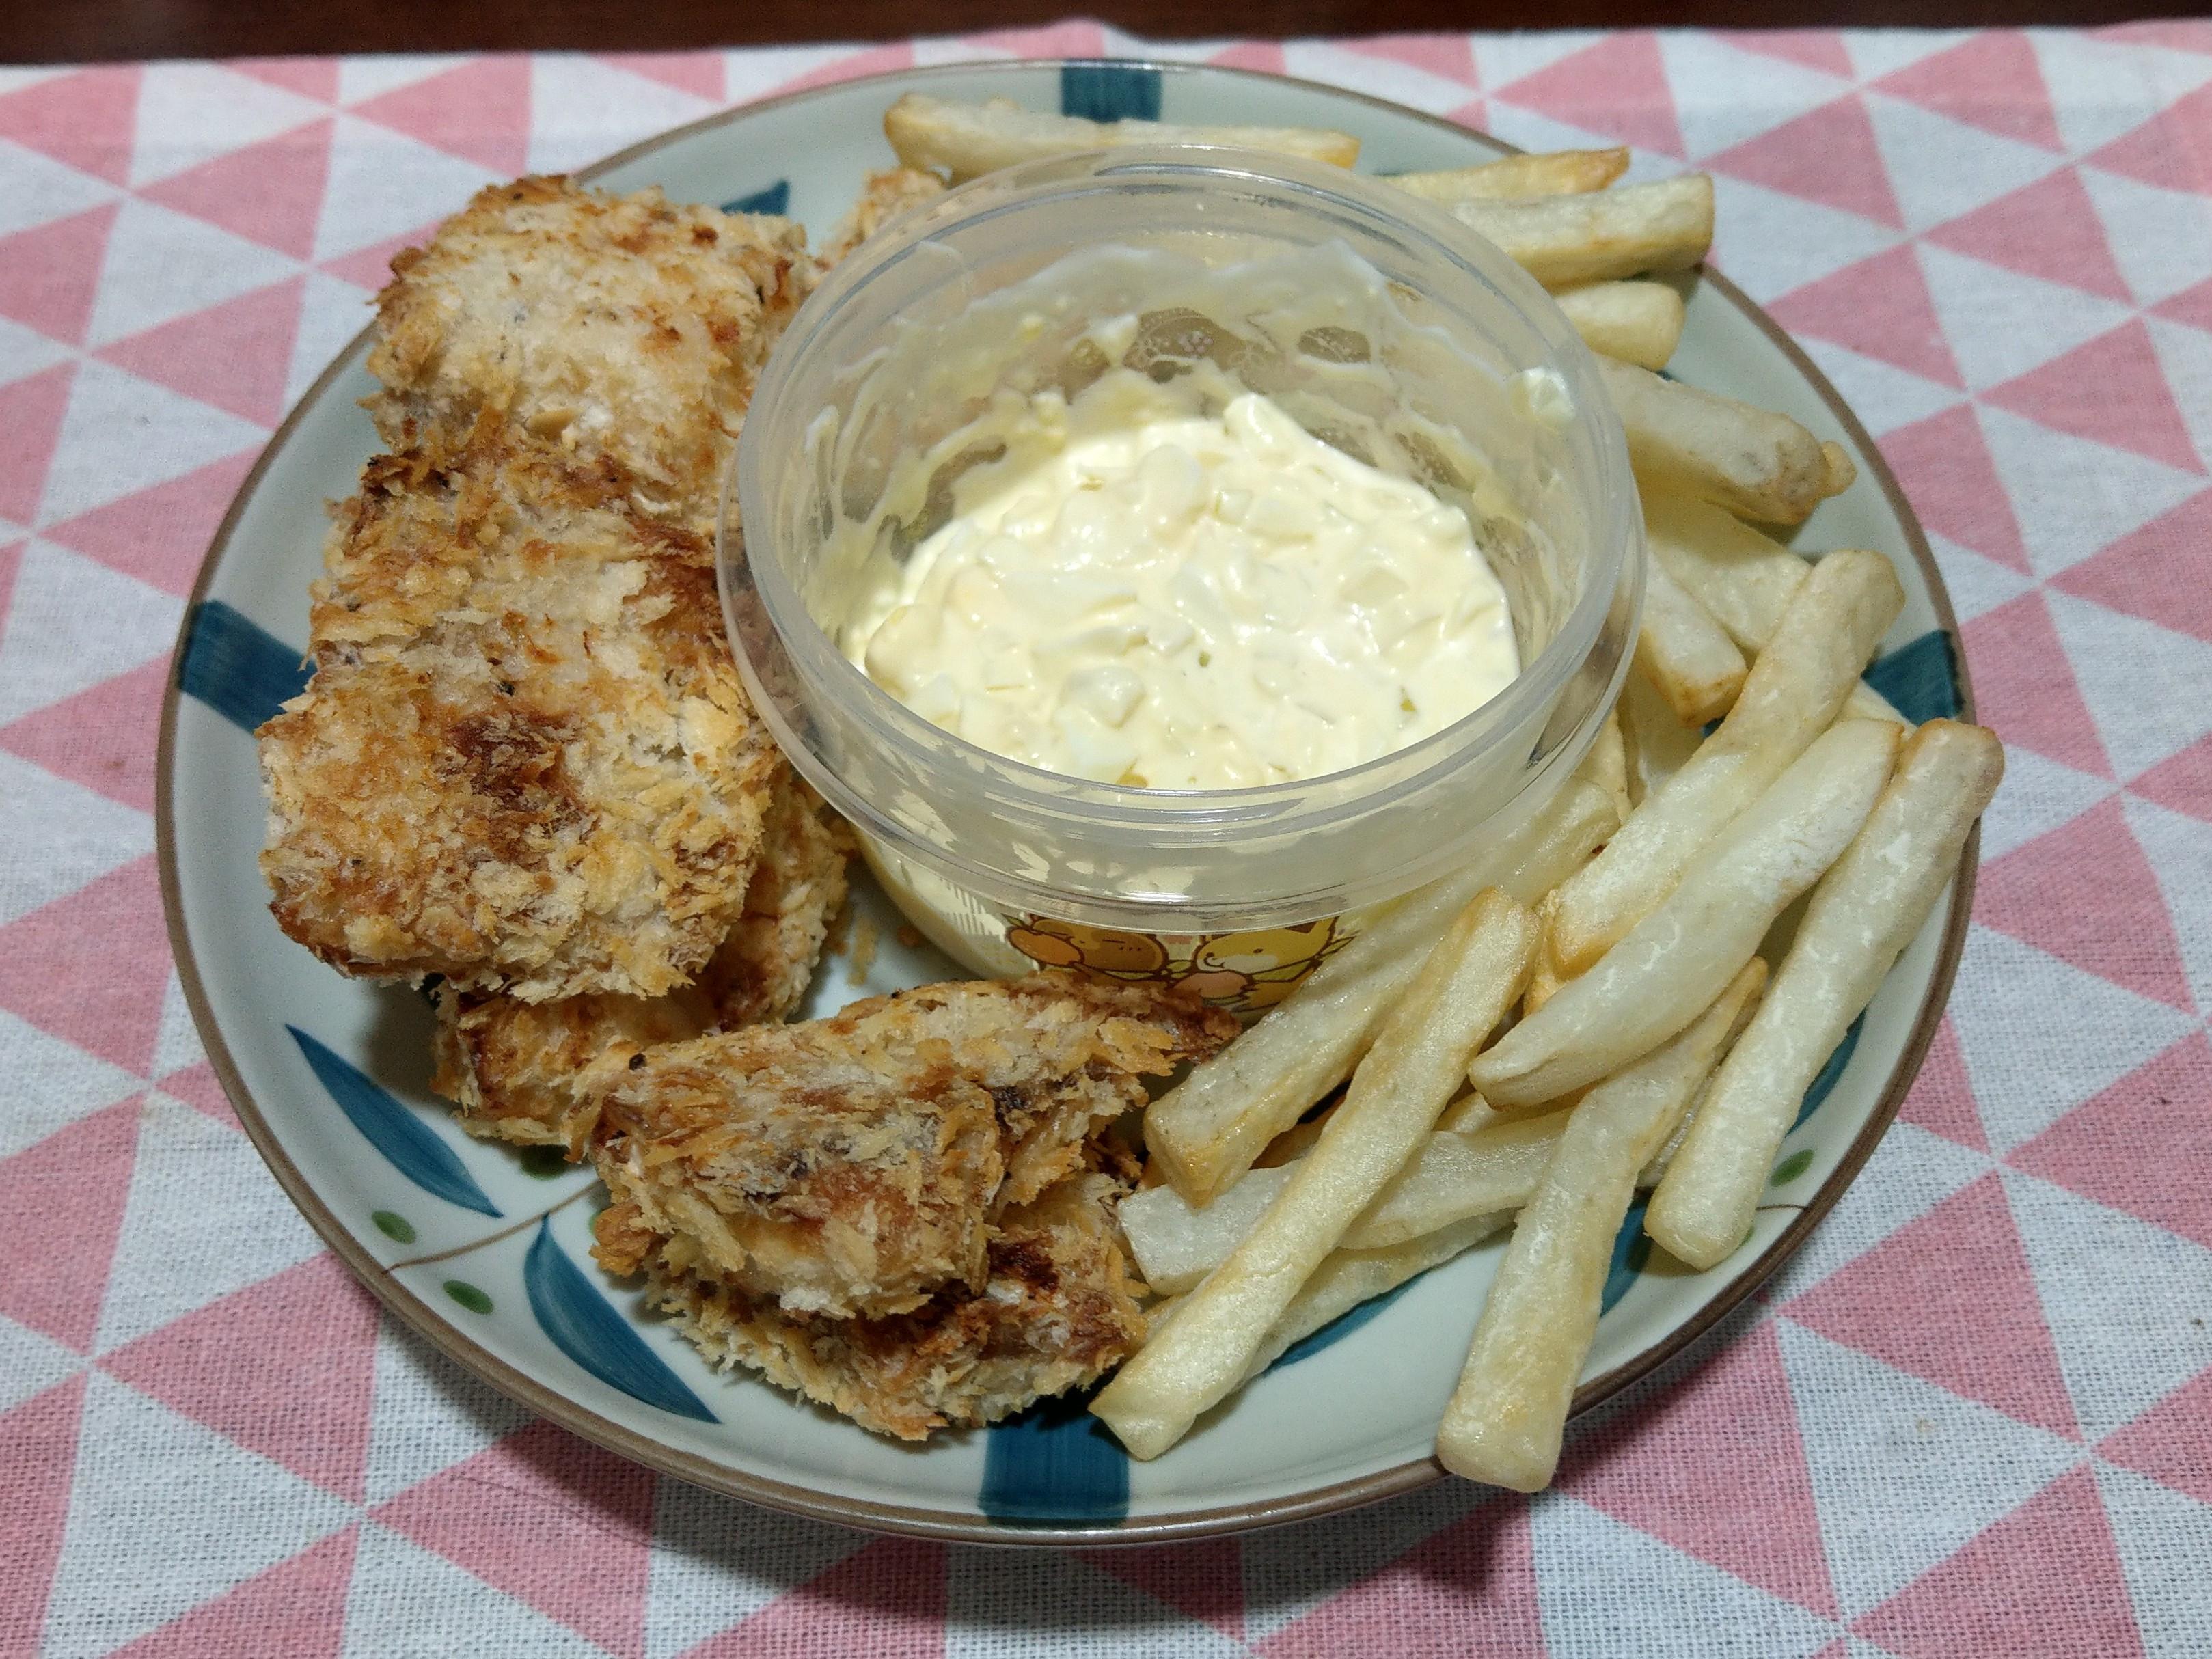 炸魚薯條 with 塔塔醬(氣炸鍋)